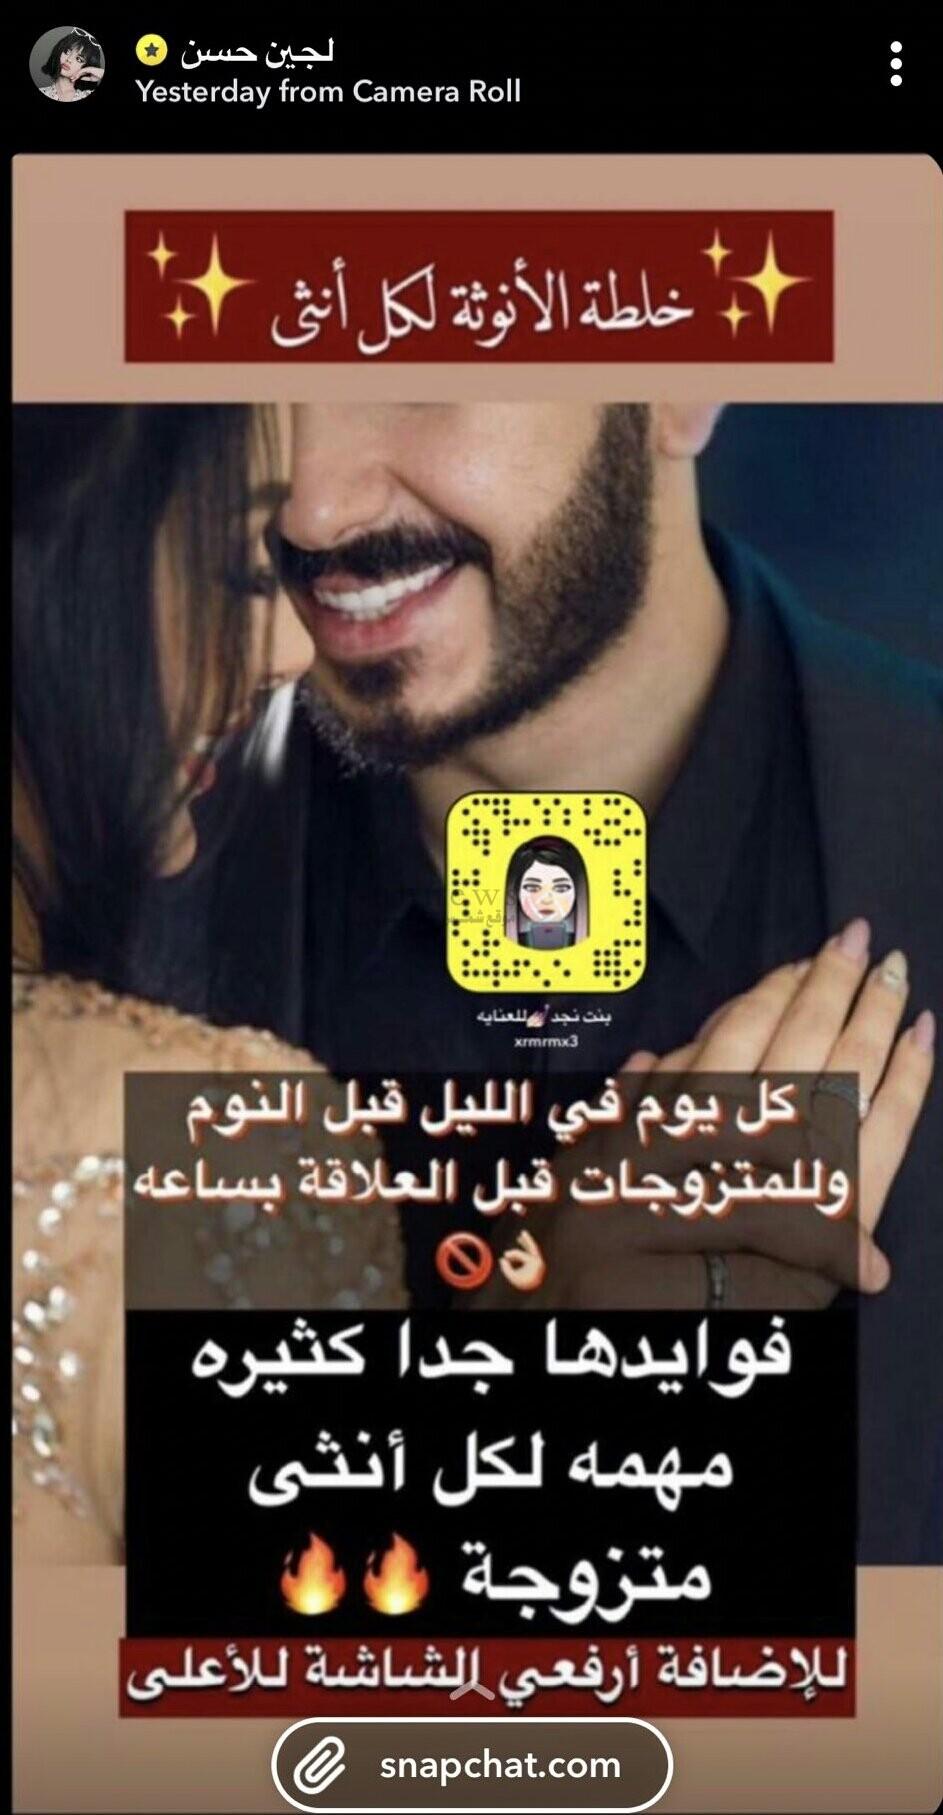 النيابة السعودية تستدعي ذوي الطفلة لجين أم رموش موقع شمس الاخباري